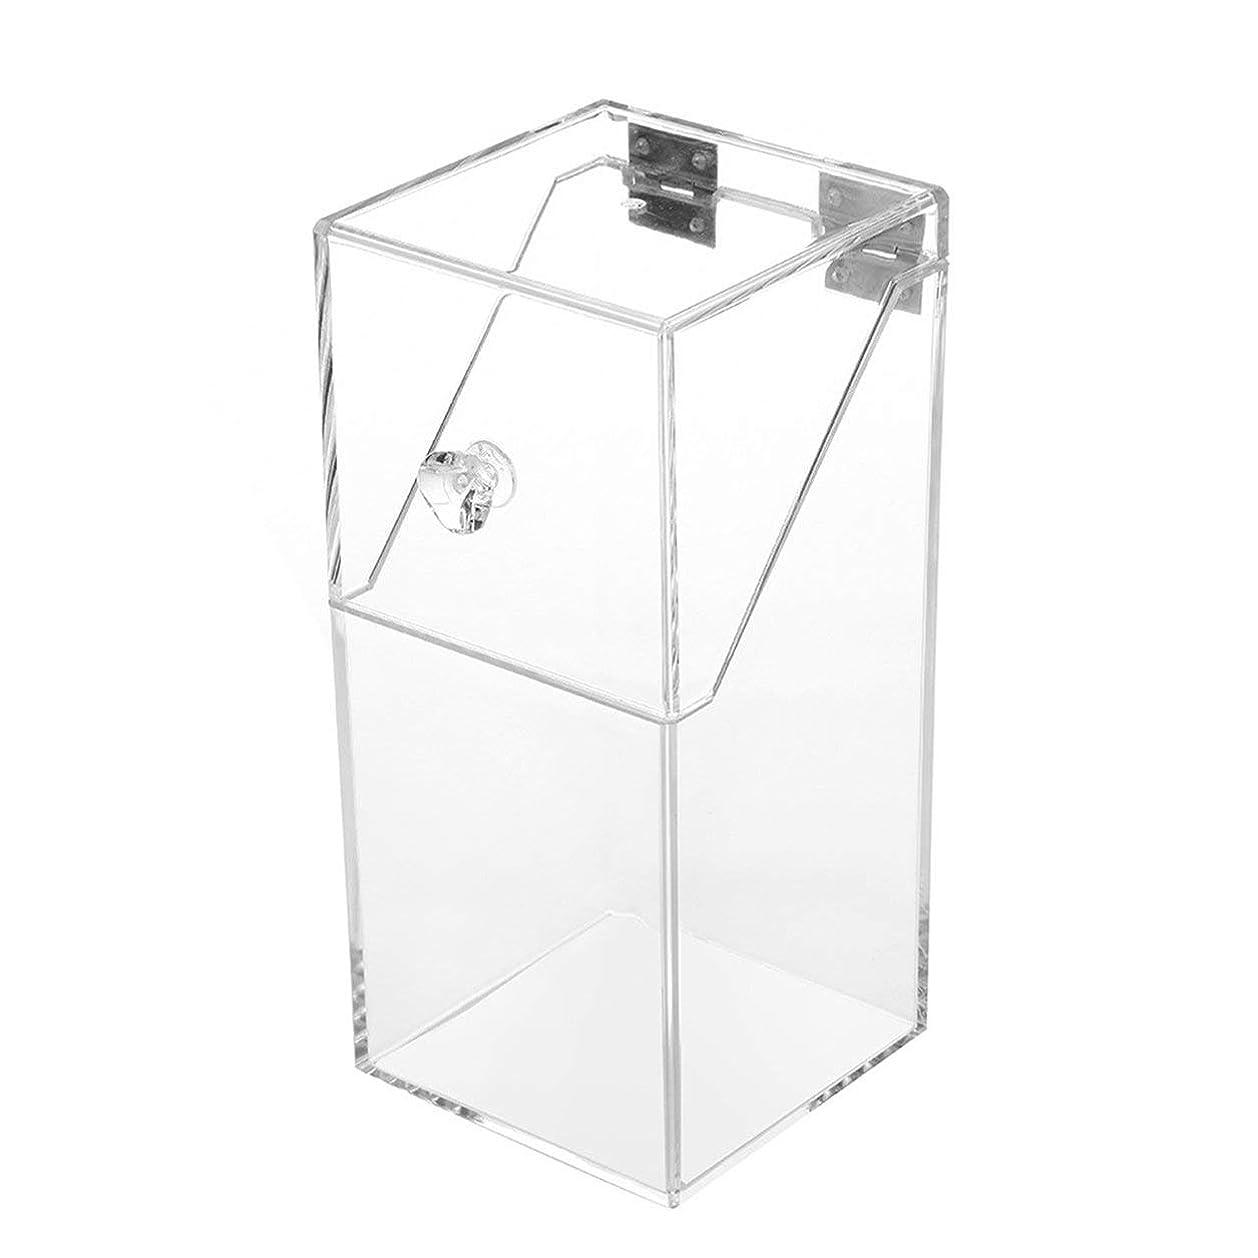 落とし穴液化する凝視Saikogoods 透明アクリルメイクアレンジストレージボックスシンプルなデザイン透明卓上化粧ブラシホルダーオーガナイザーケース トランスペアレント L